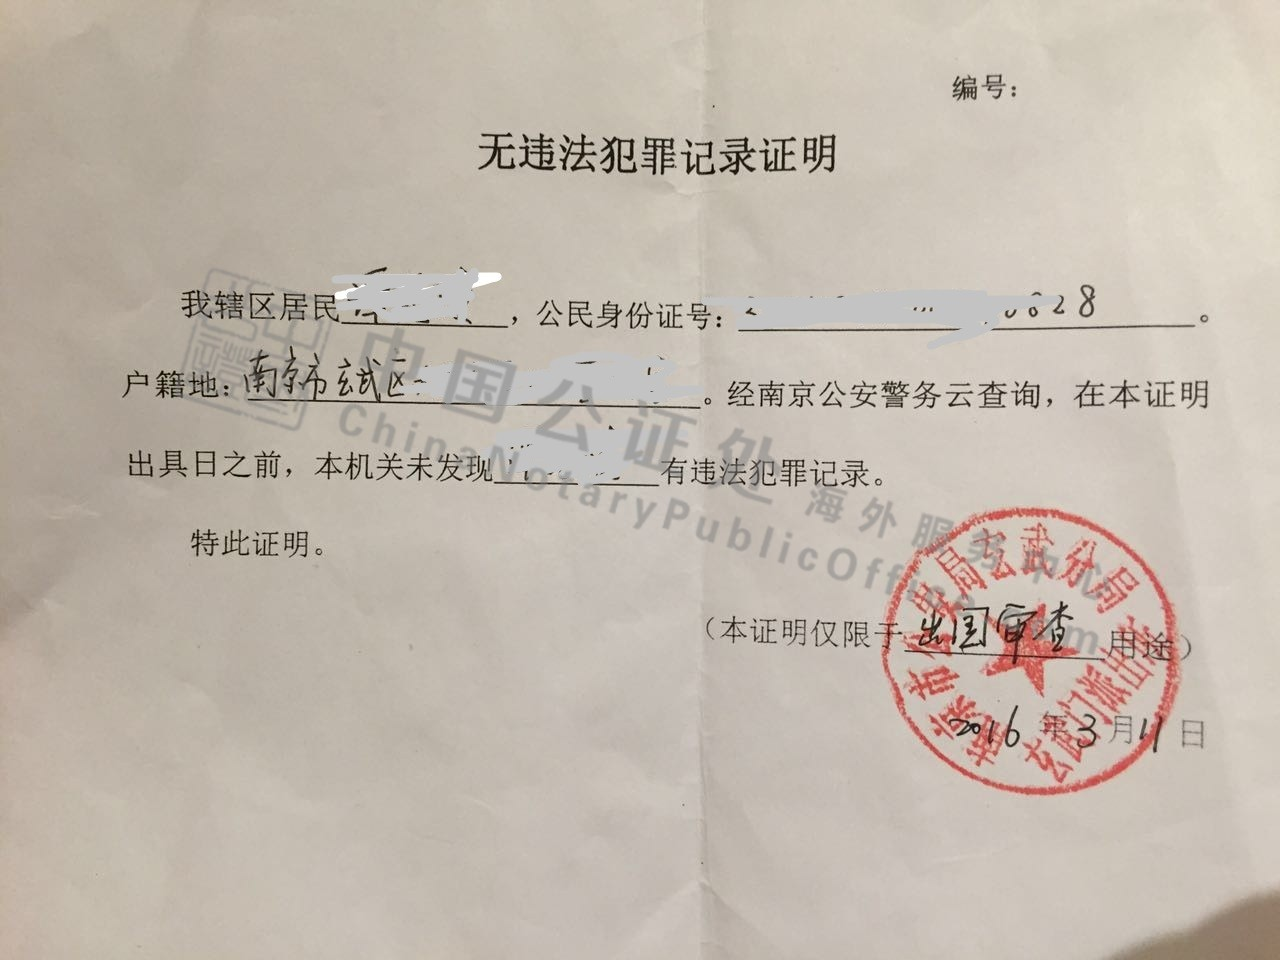 中国派出所无犯罪证明样本,中国公证处海外服务中心